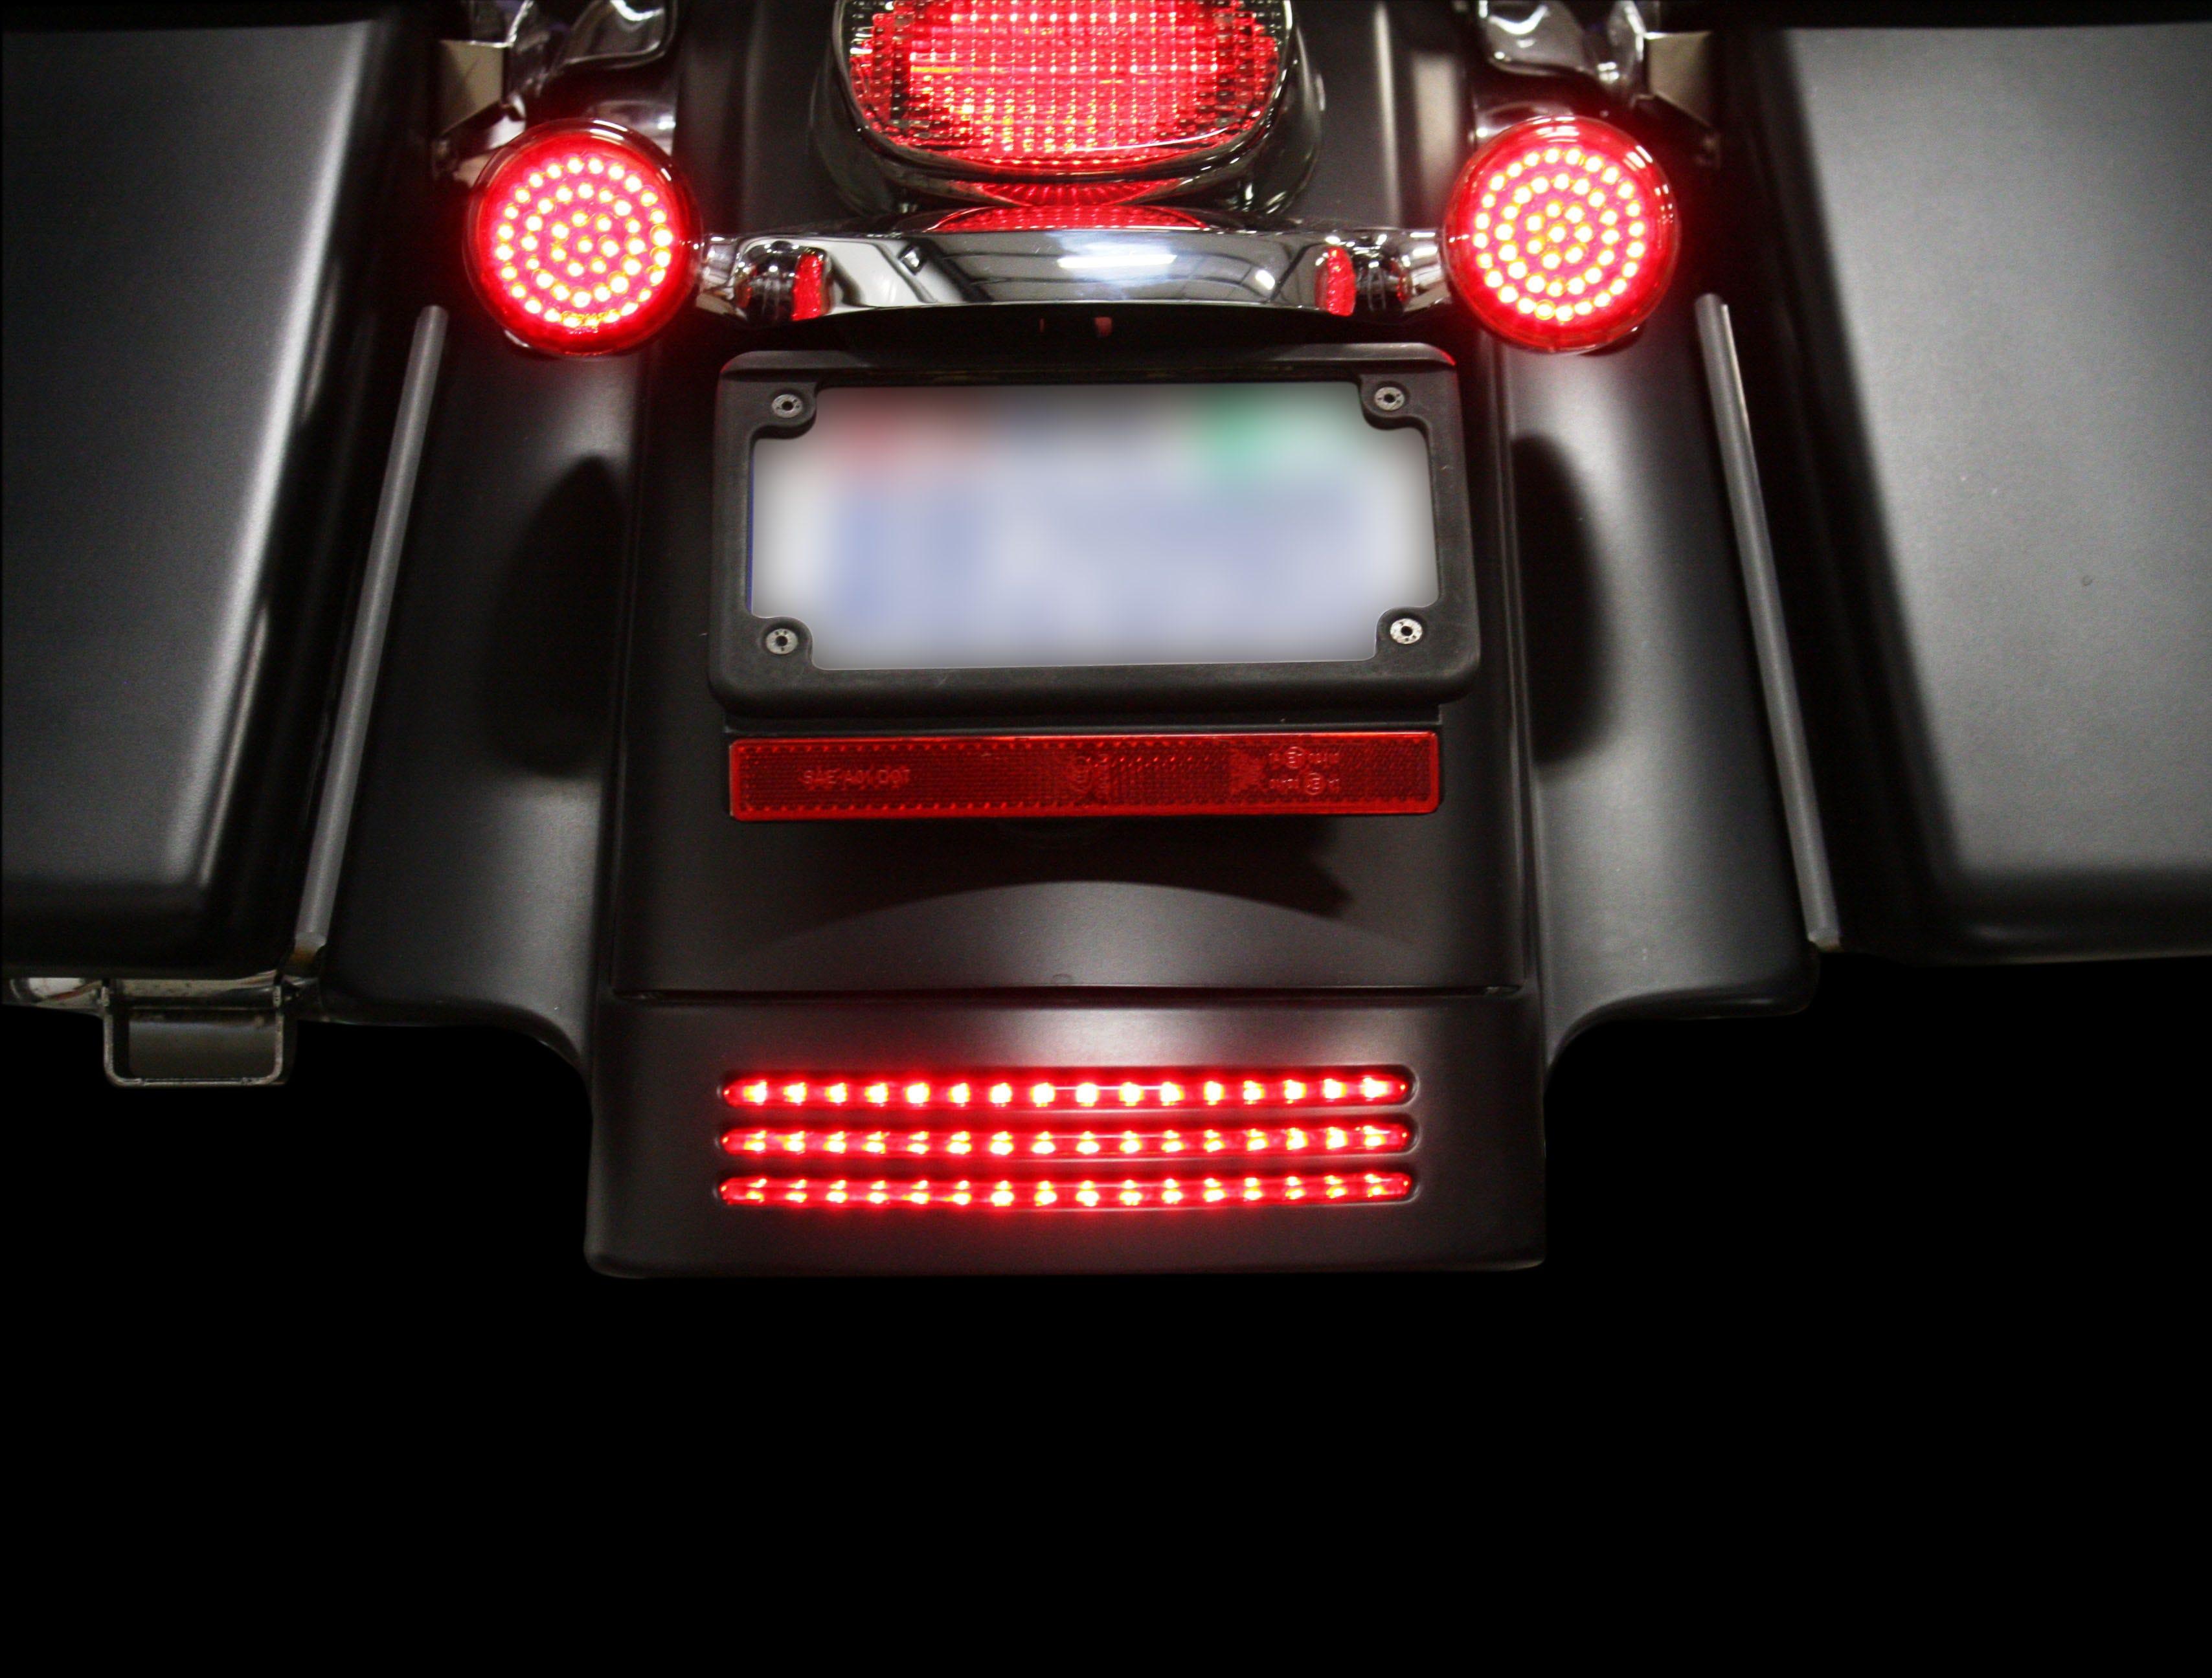 Custom dynamics red lens 48 led tri bar light fender tip harley flhx image is loading custom dynamics red lens 48 led tri bar mozeypictures Choice Image